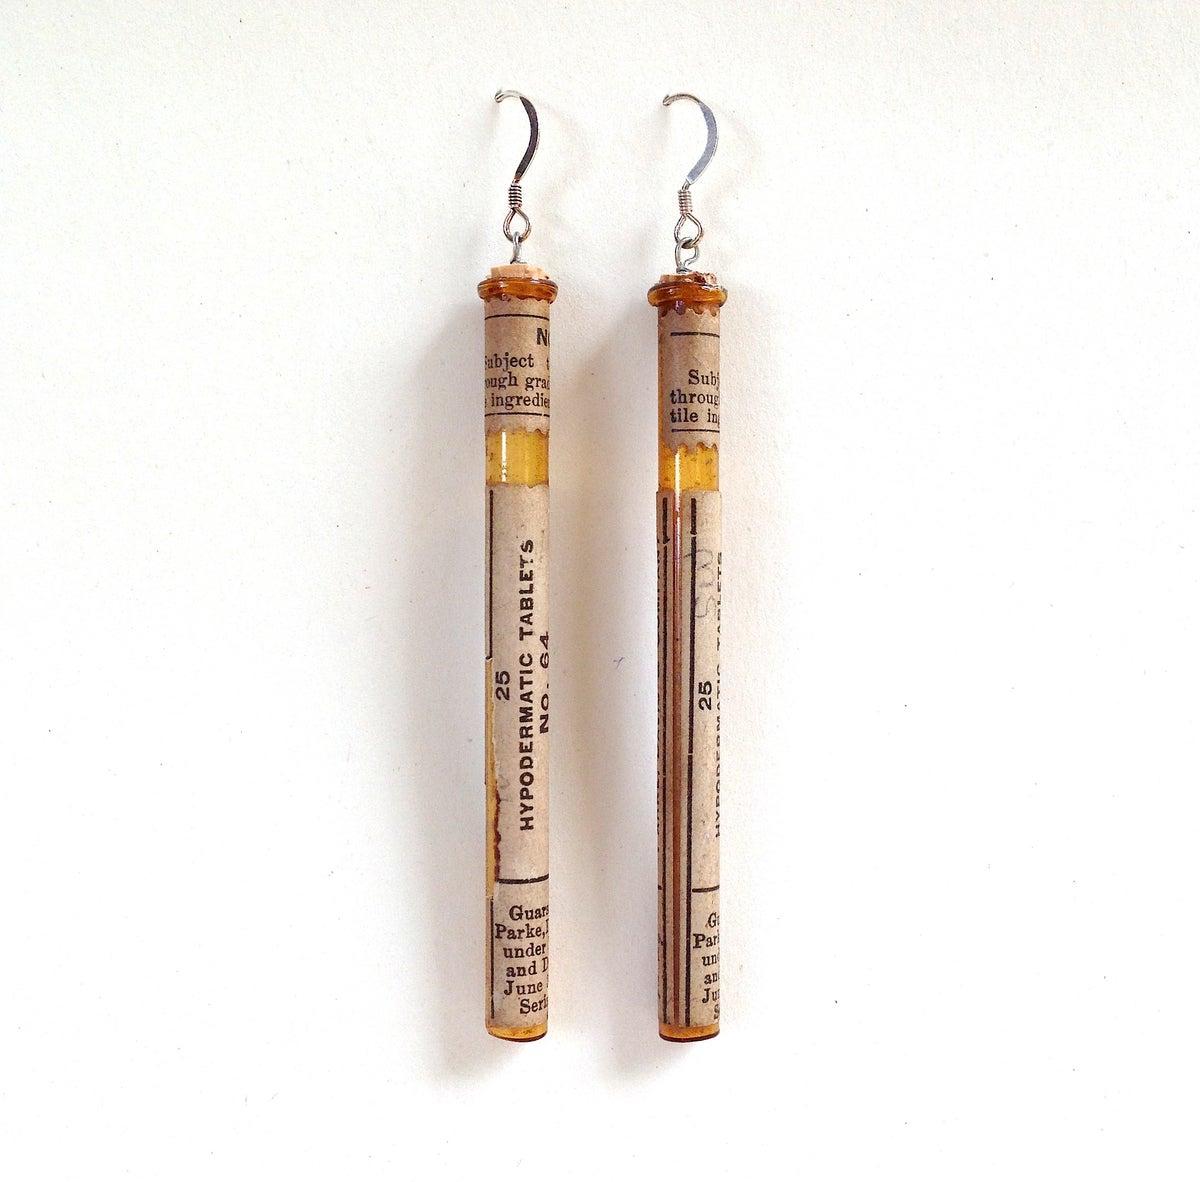 Pill bottle iii earrings mollie earls jewelry for Pill bottle jewelry